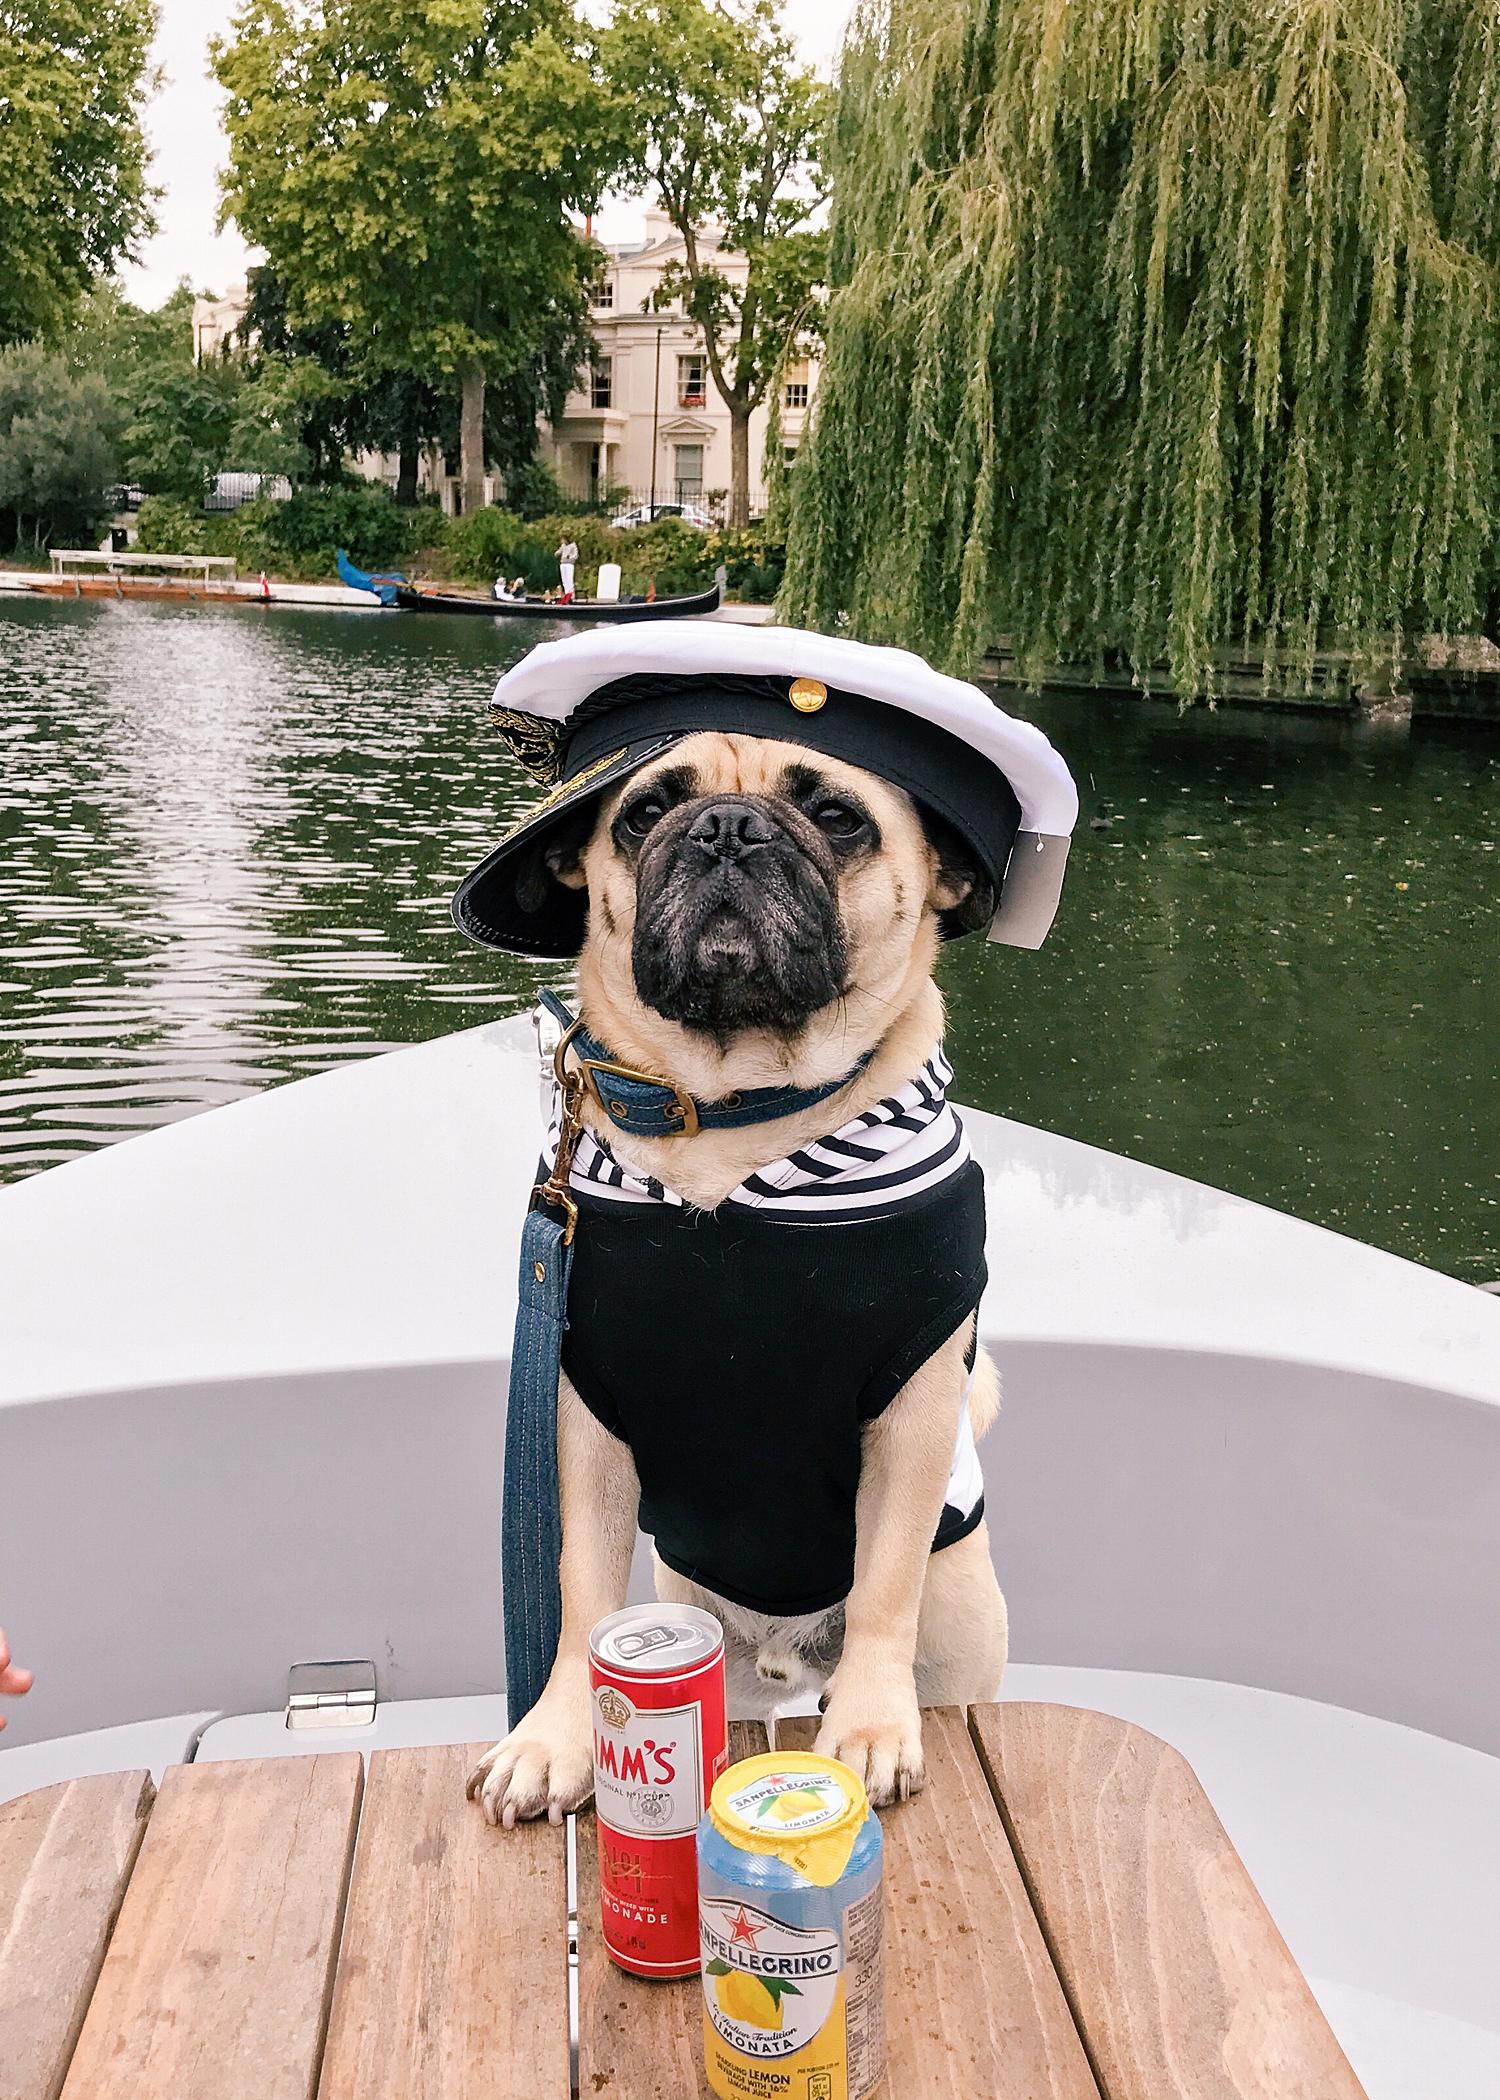 honeyidressedthepug-dogblog-dogfriendlyblog-thingstodowithyourdog-boatingwithdog-dogfashionblog-petfashionblog-goboatlondon-petblogger-humanandhound-fashionandlifestyle-londonpetblogger-topdogblog-puglife-pugonaboat-boatingwithdog-londoncanals7.jpg